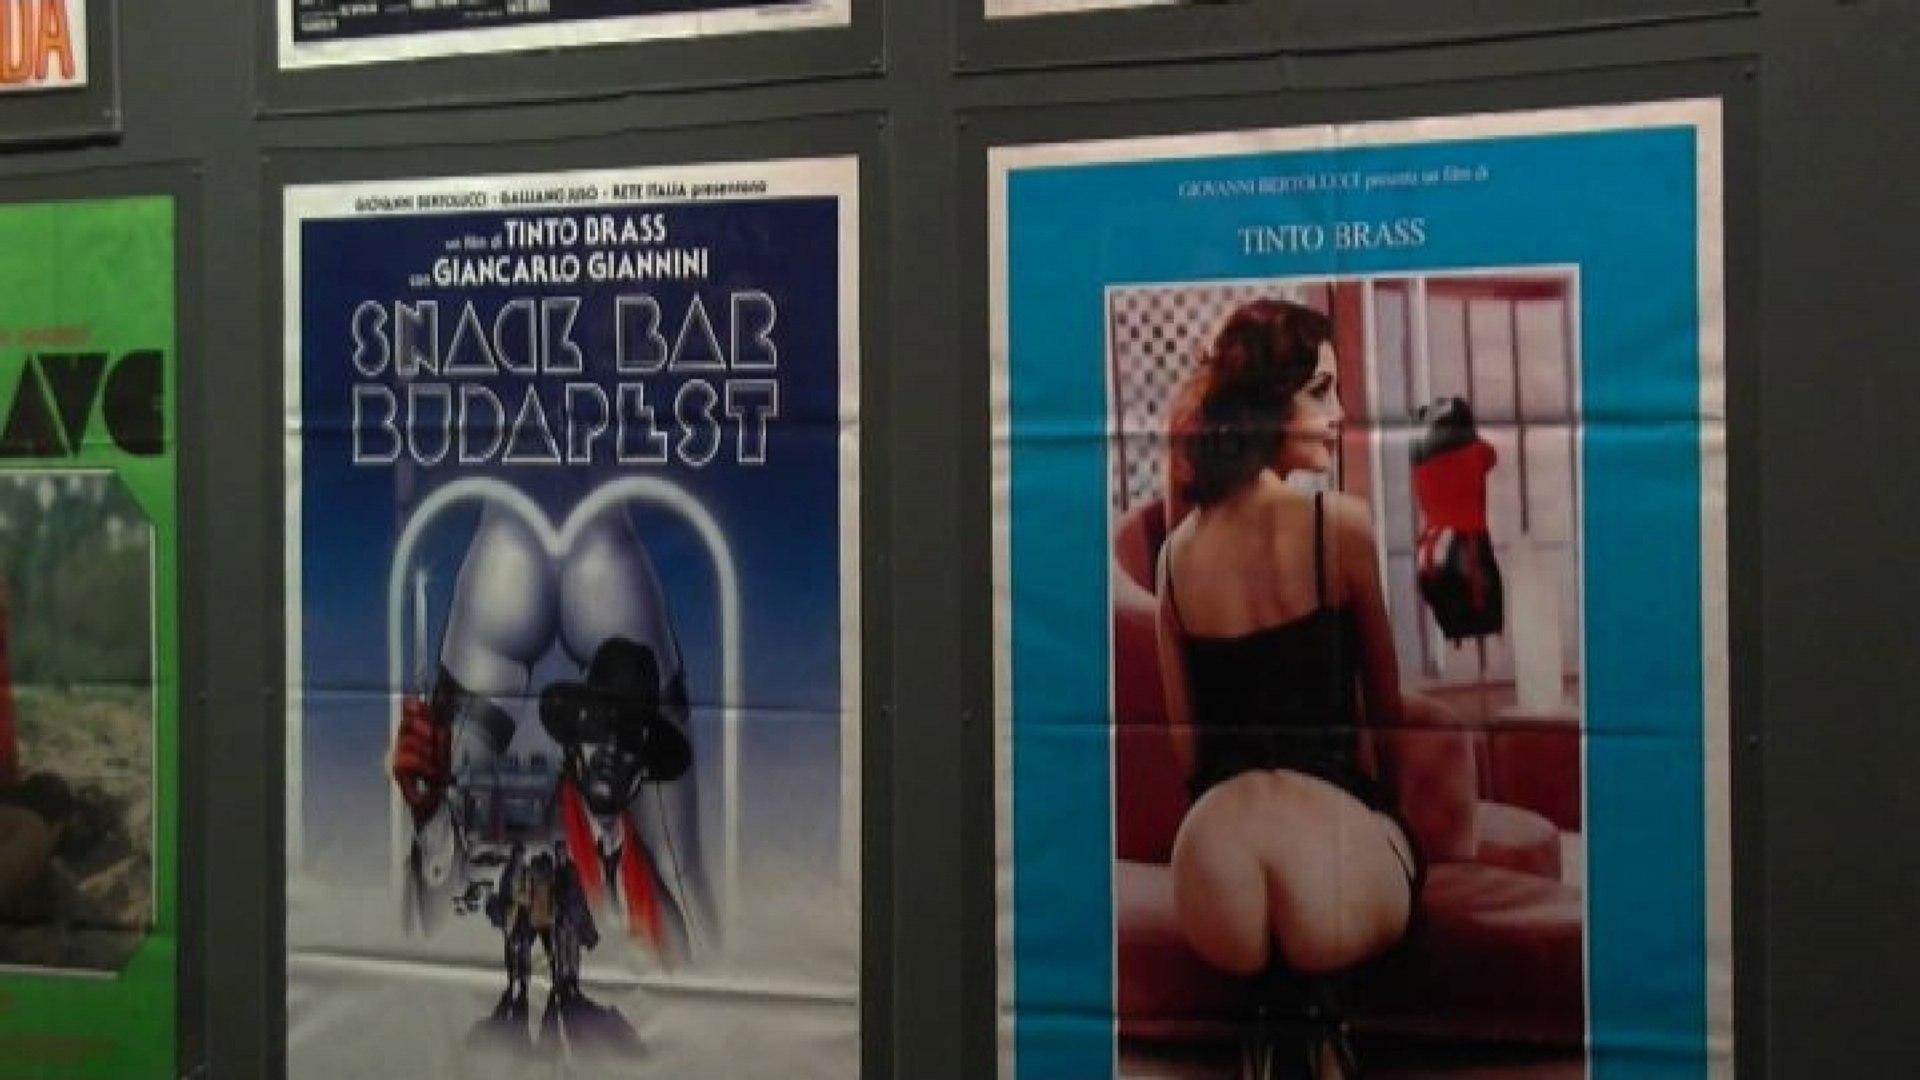 Lo sguardo libero di Brass in mostra a Roma: politica e erotismo